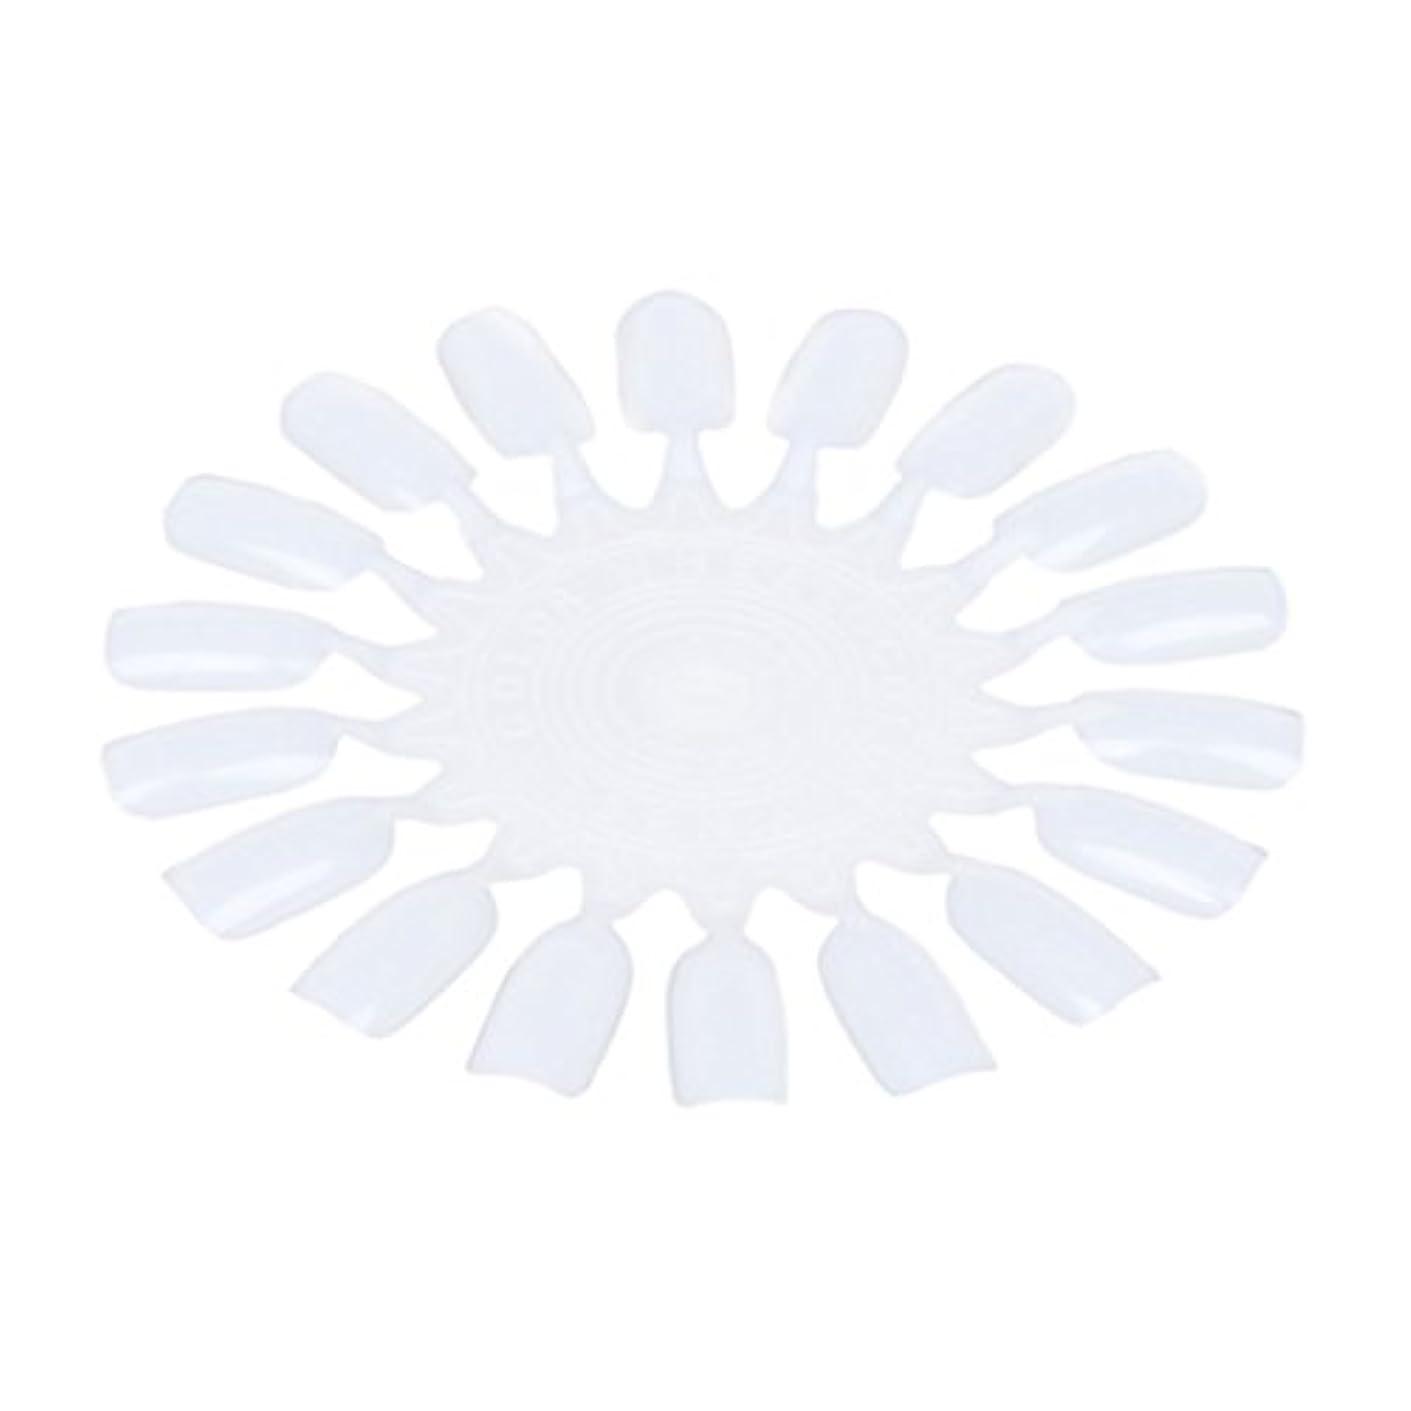 スマート不正幻滅RETYLY 10個 メークアップ化粧ネイル ポーランドカラー段ボールカラーチャート18カラー ベージュ